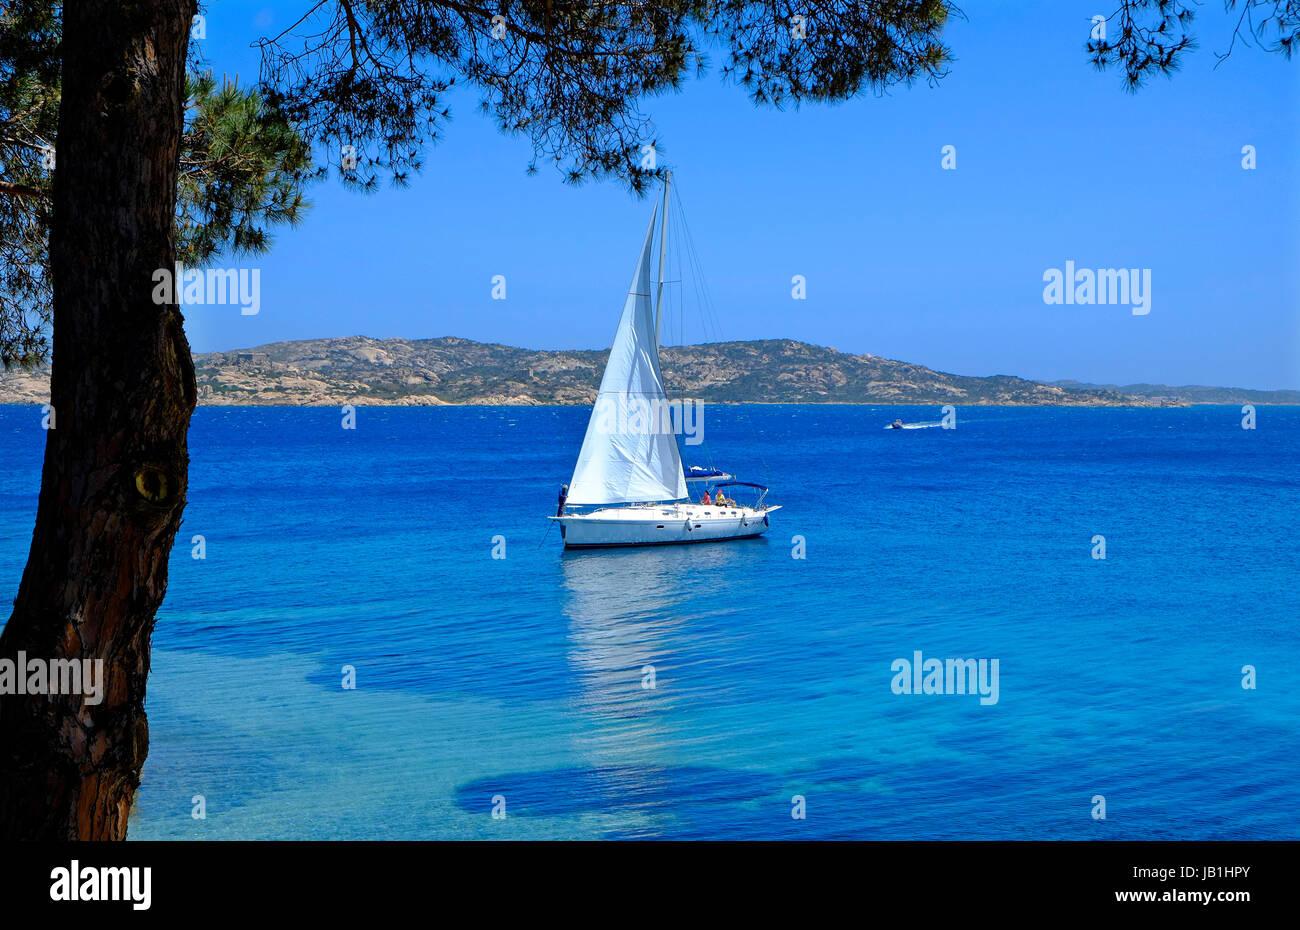 maddalena island, sardinia, italy - Stock Image